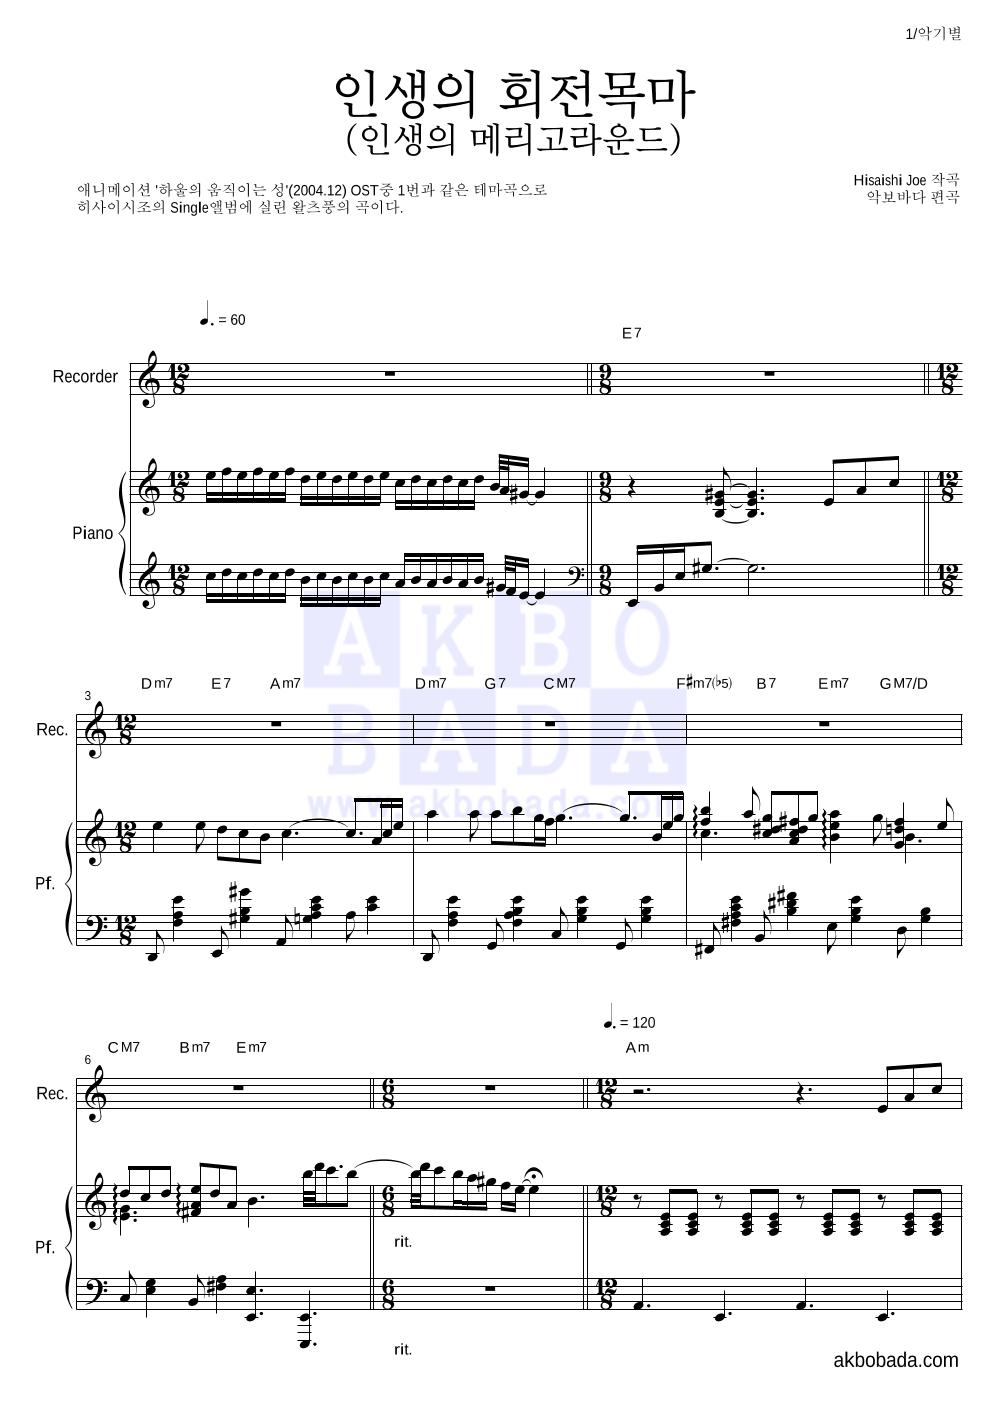 리코더&피아노 악보